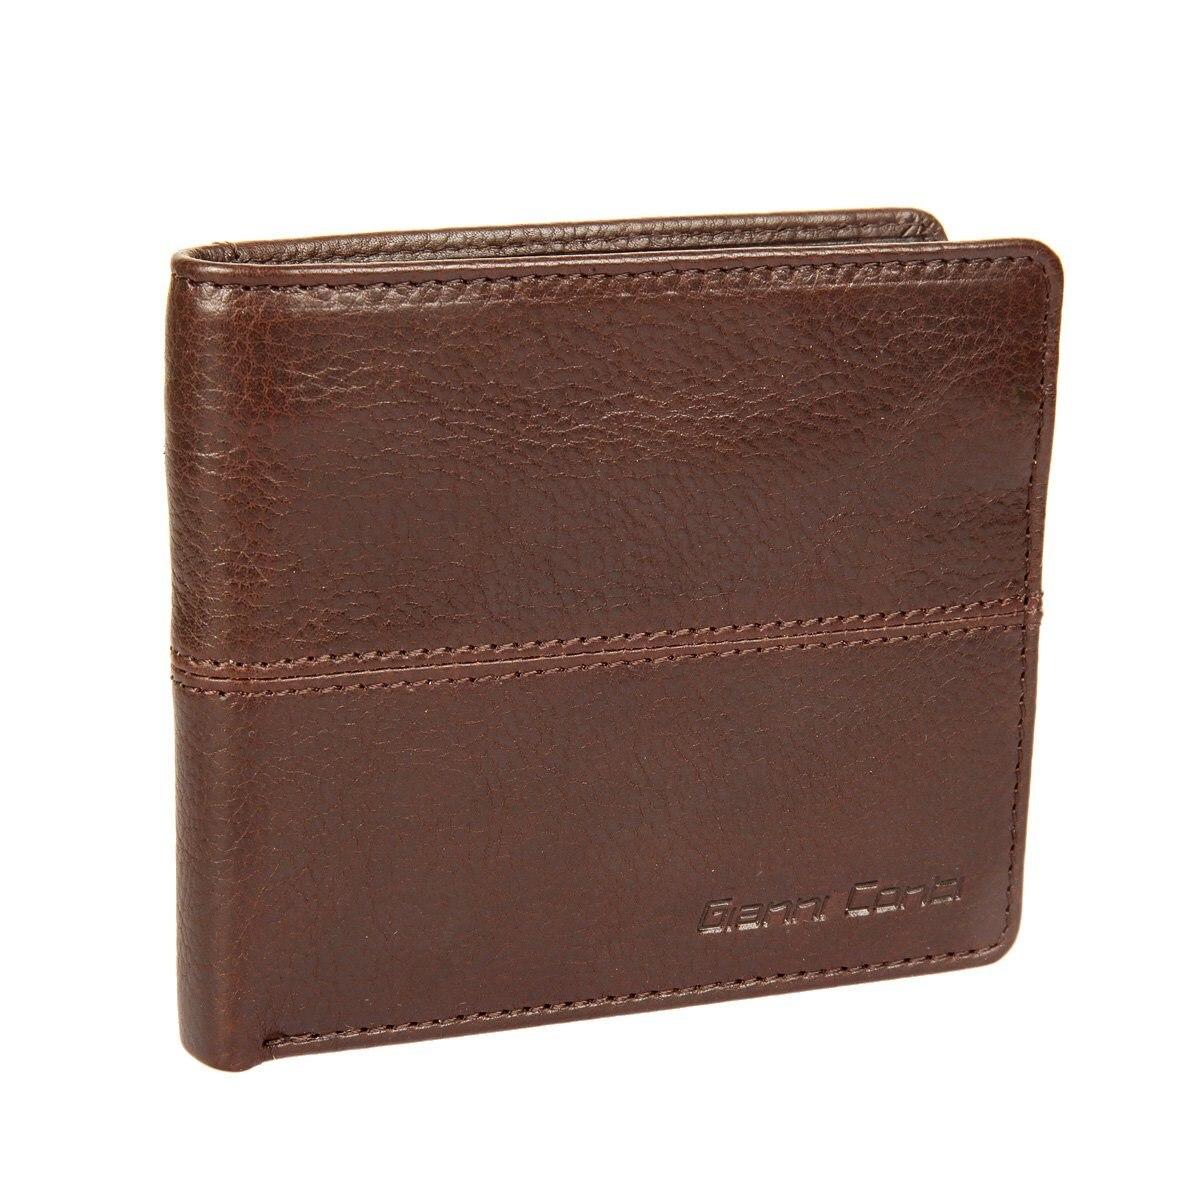 Coin Purse Gianni Conti 1137460E dark brown